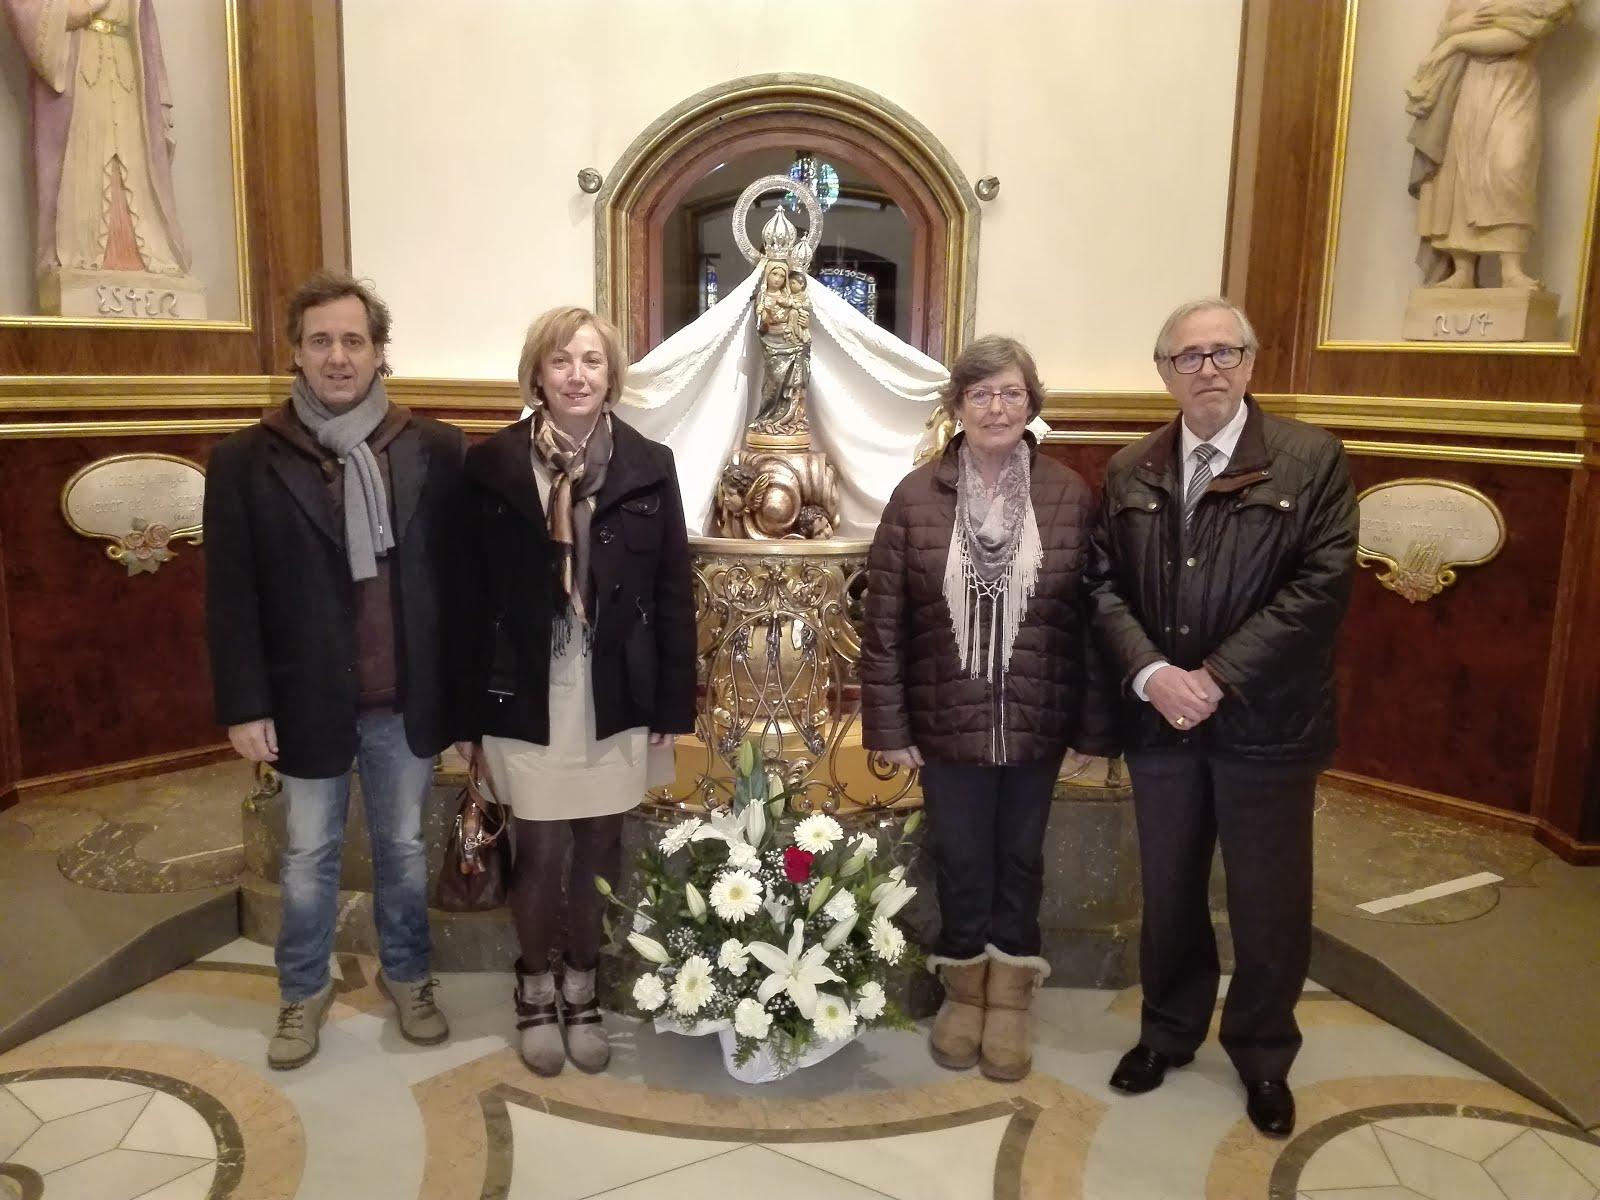 Peregrinació anual al Santuari de l'Associació de Concerts de Reus (26-11-2017)